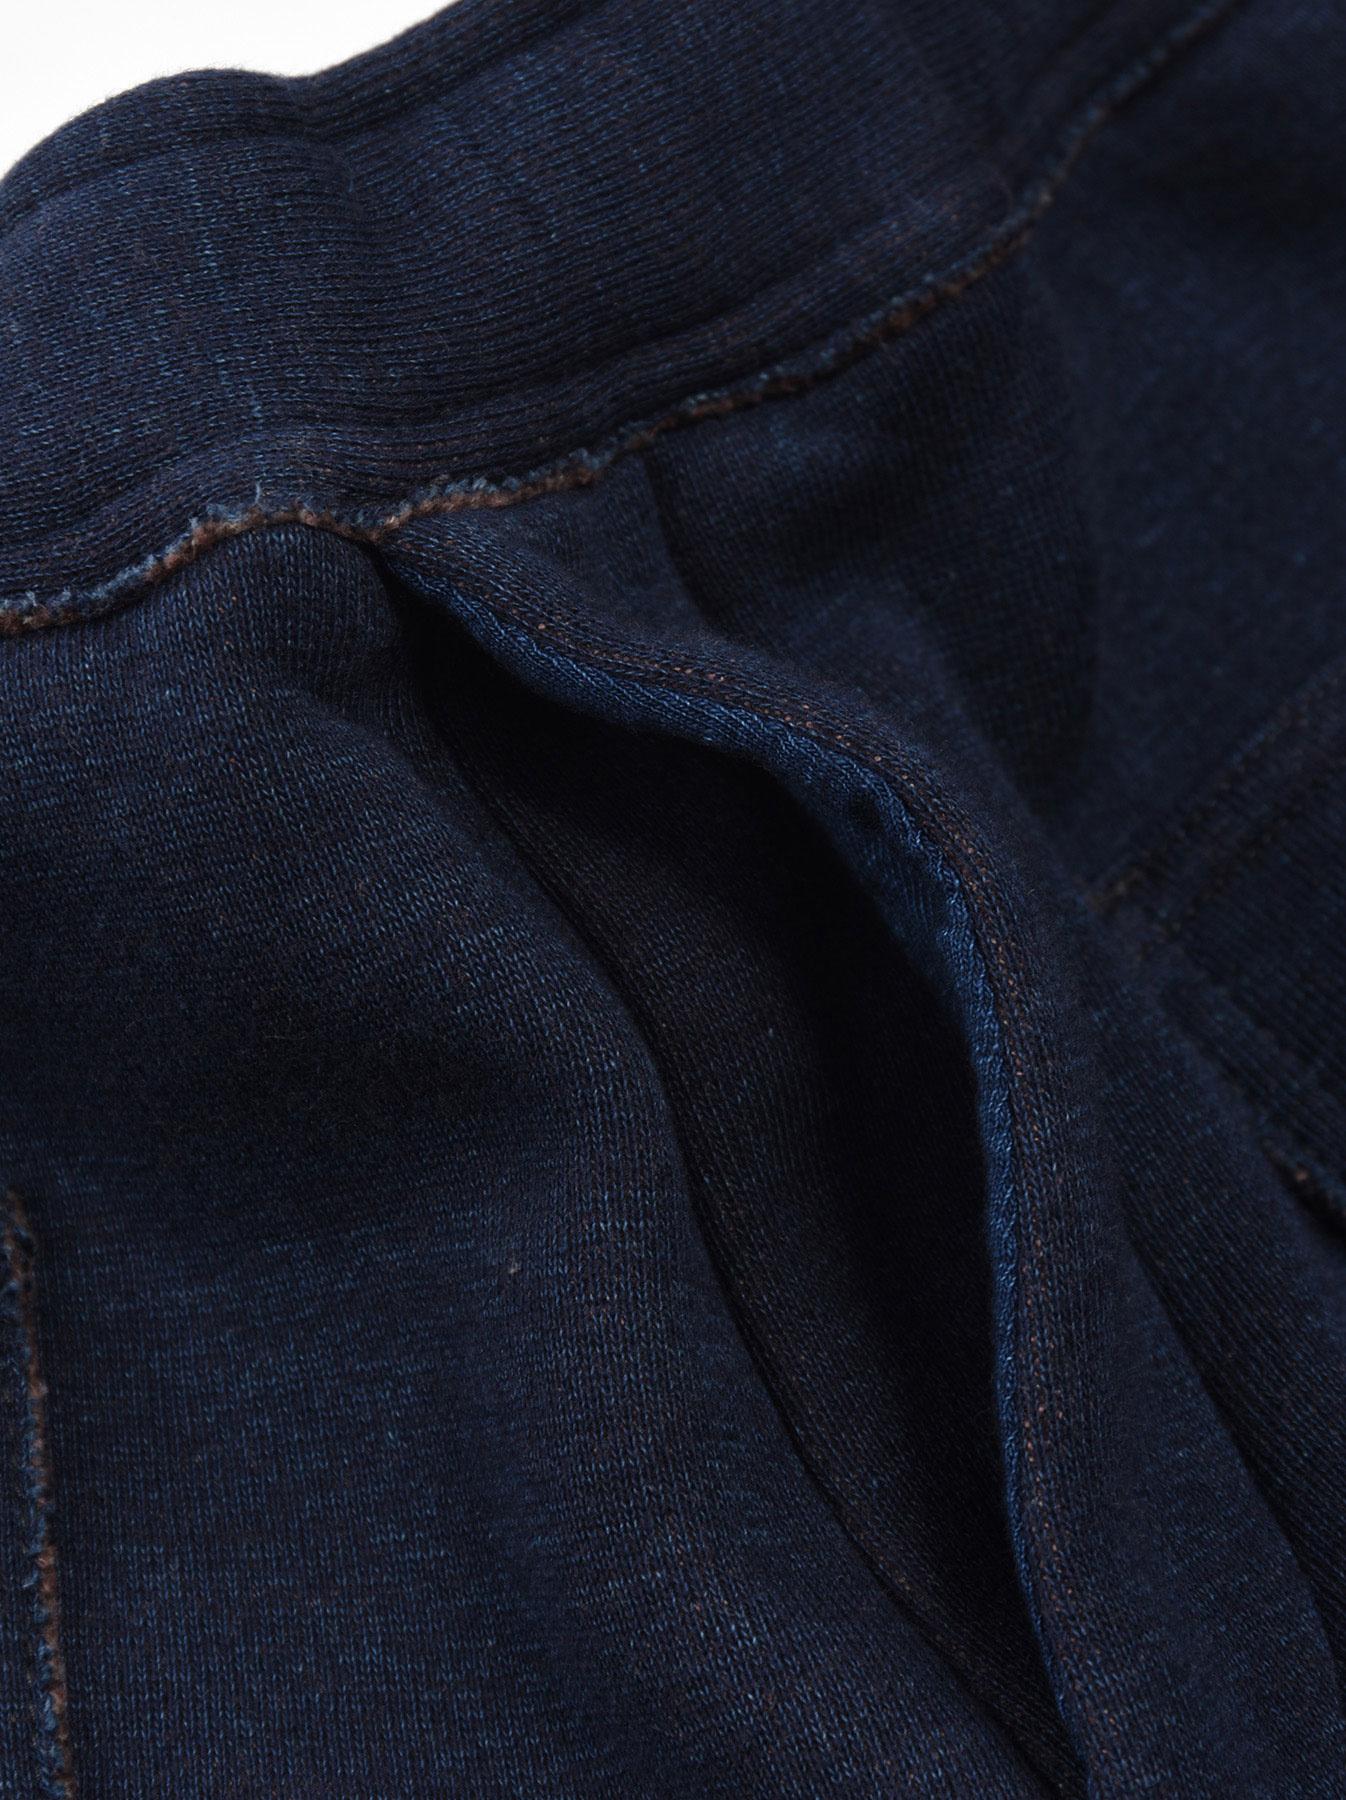 Indigo Hokkaido Fleecy Easy Pants-7